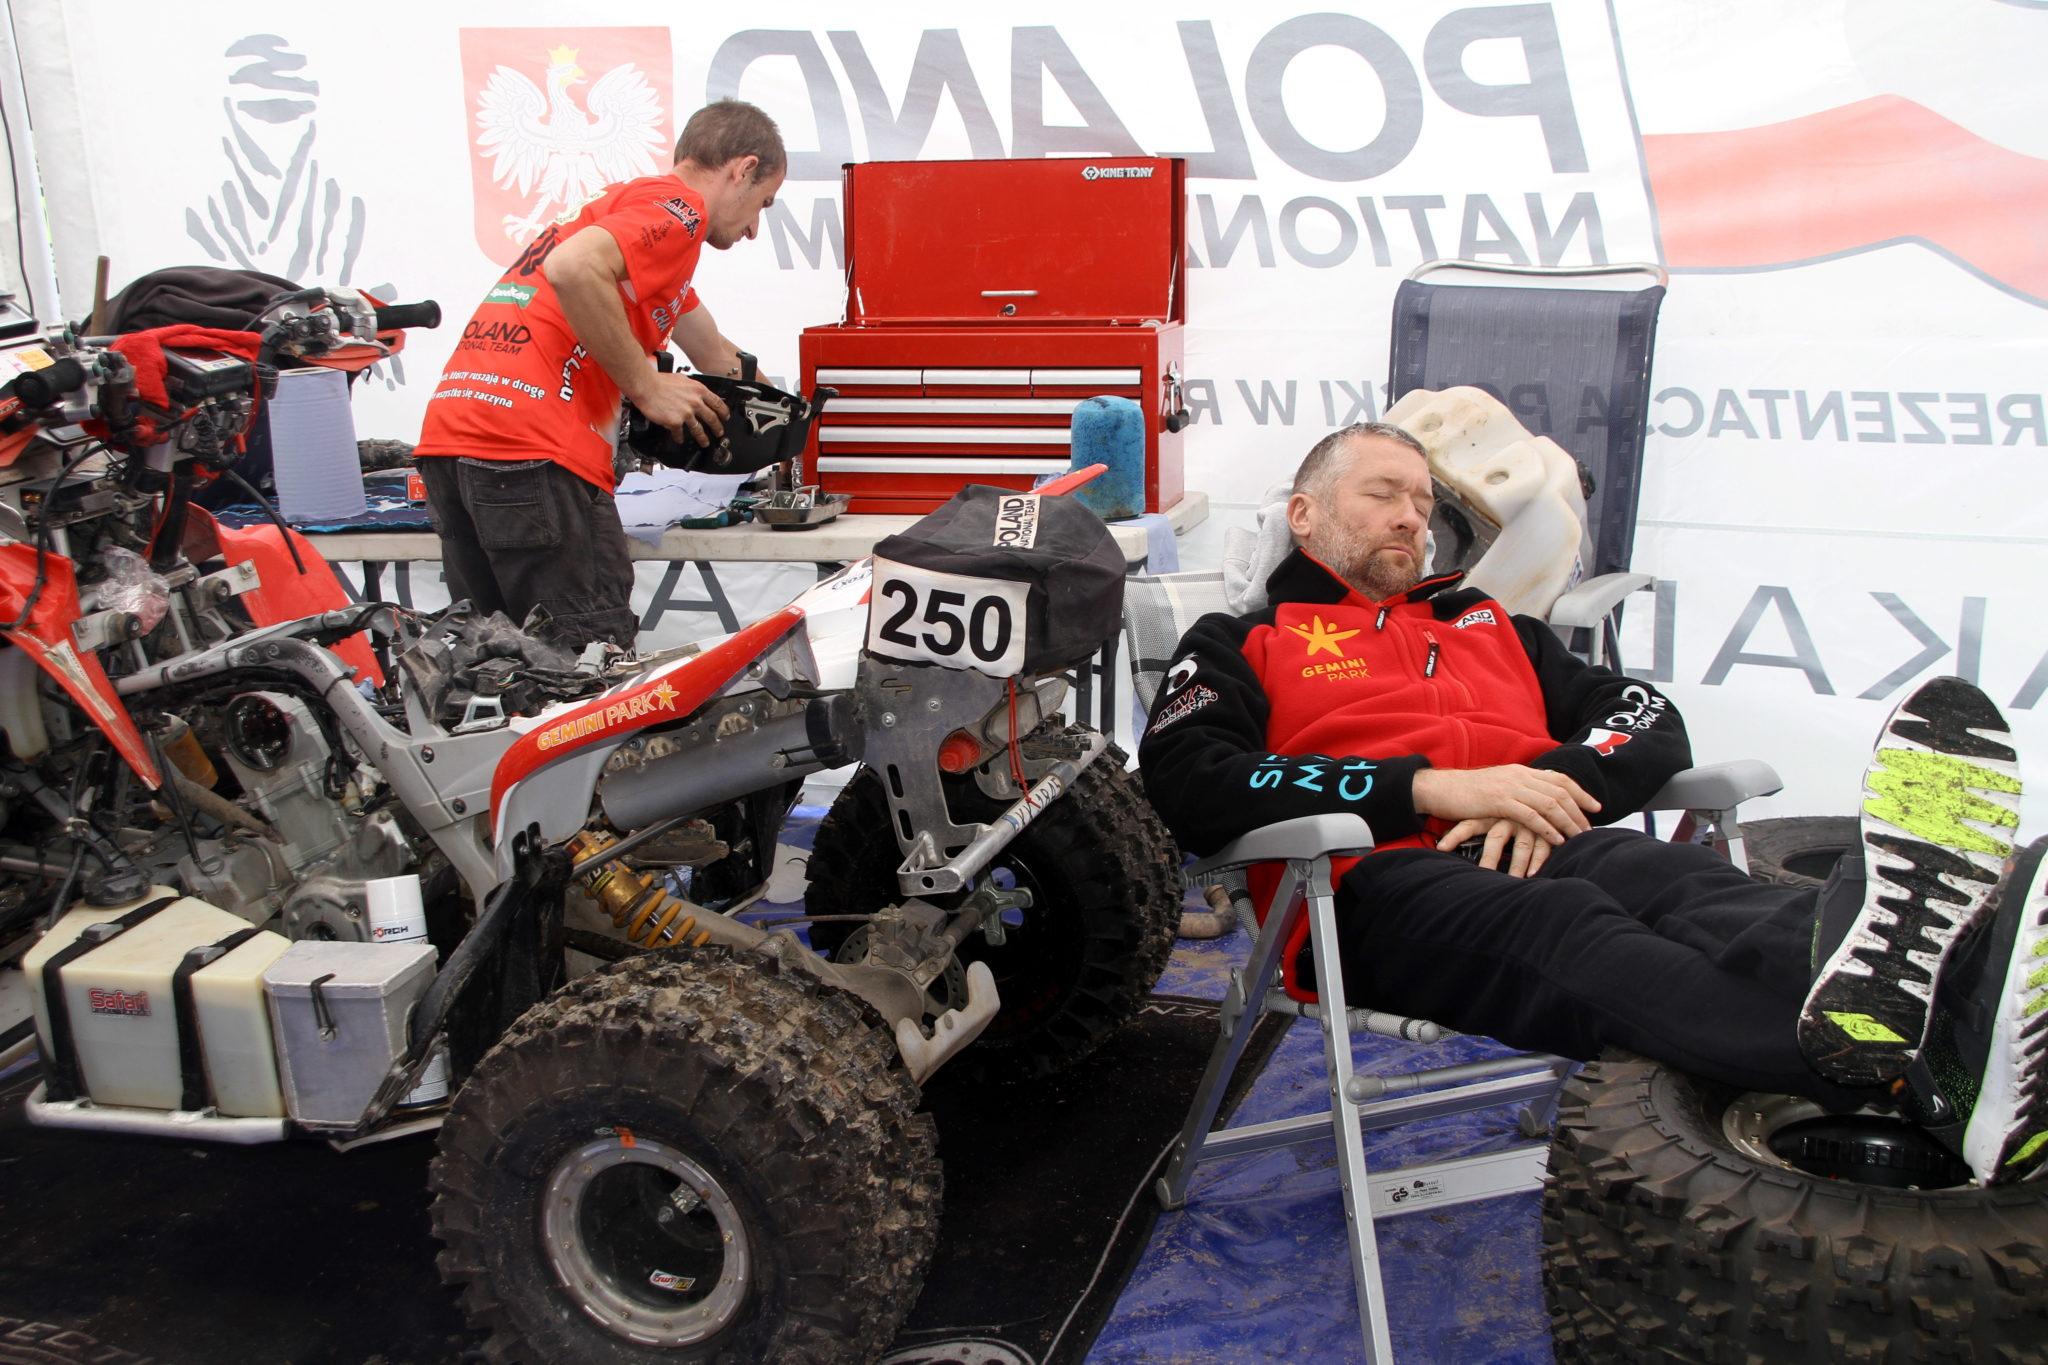 Boliwia: odpoczynek polskiego quadowca Rafała Sonika w La Paz, podczas Rajdu Dakar (foto. PAP/Kryspin Dworak)